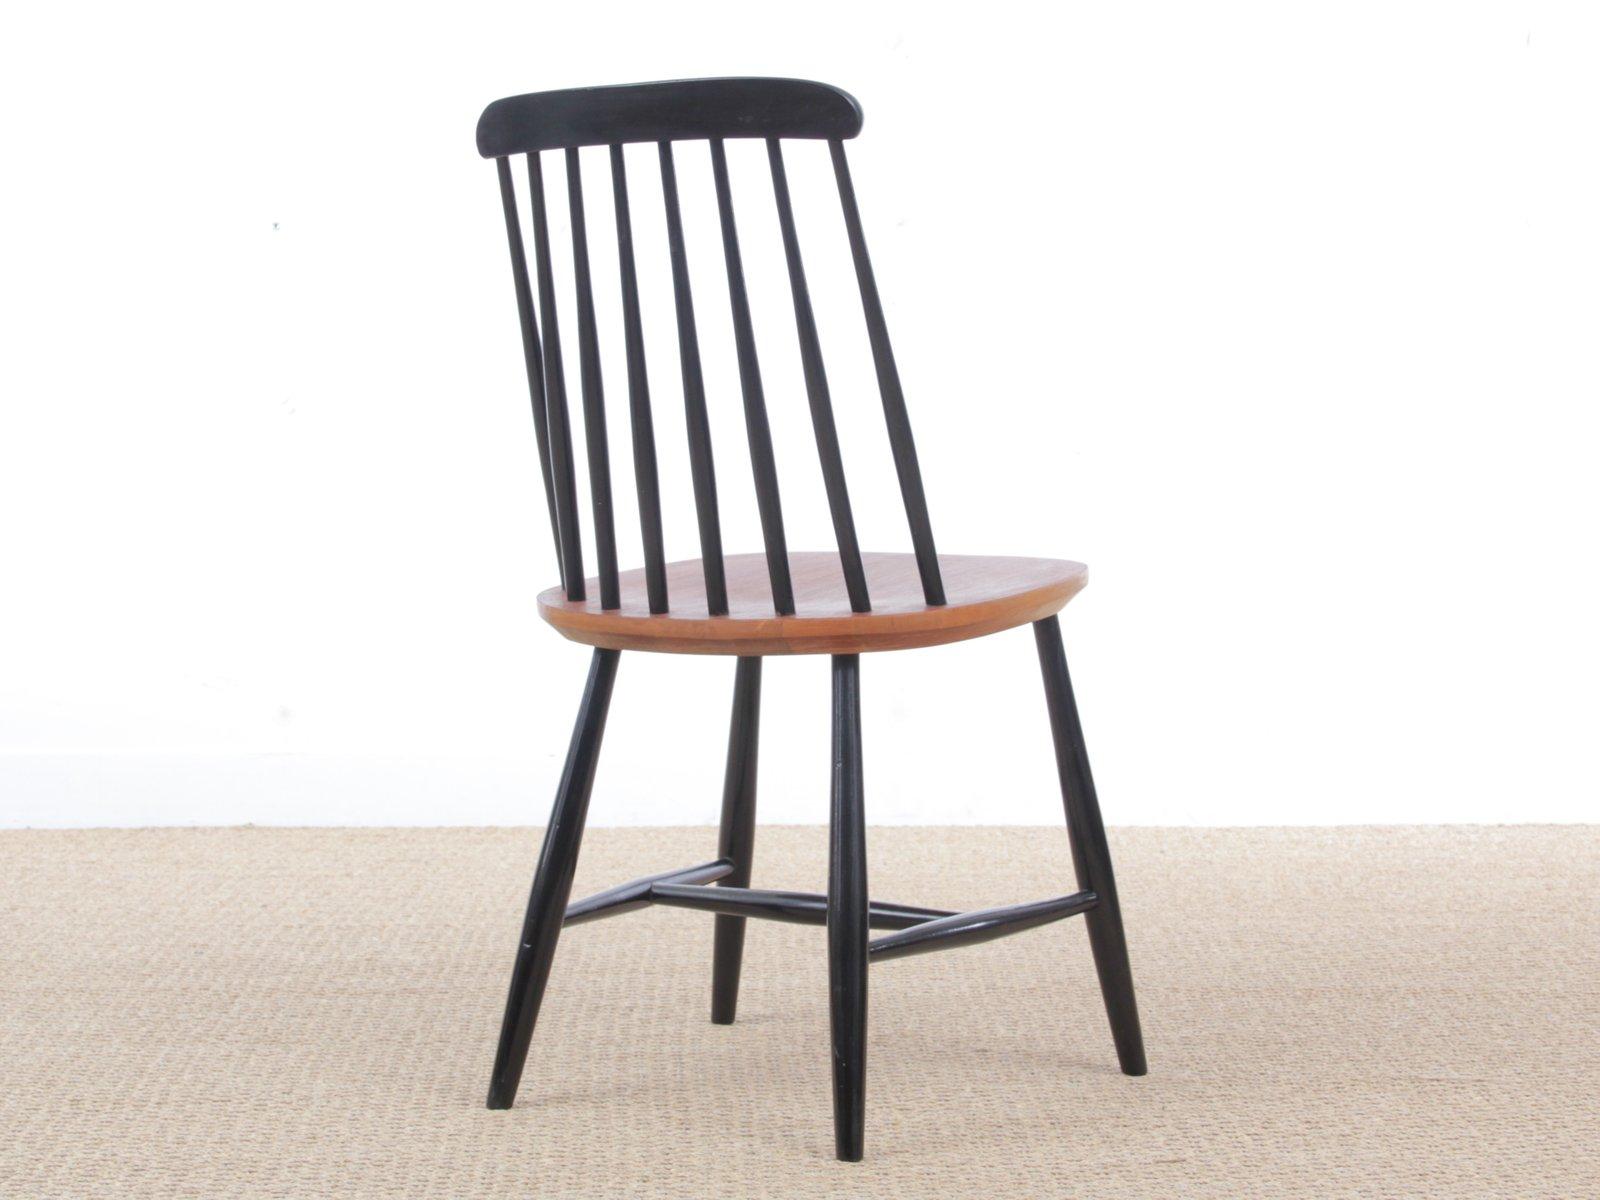 chaise d 39 appoint vintage de n ssj stolfabrik su de en vente sur pamono. Black Bedroom Furniture Sets. Home Design Ideas